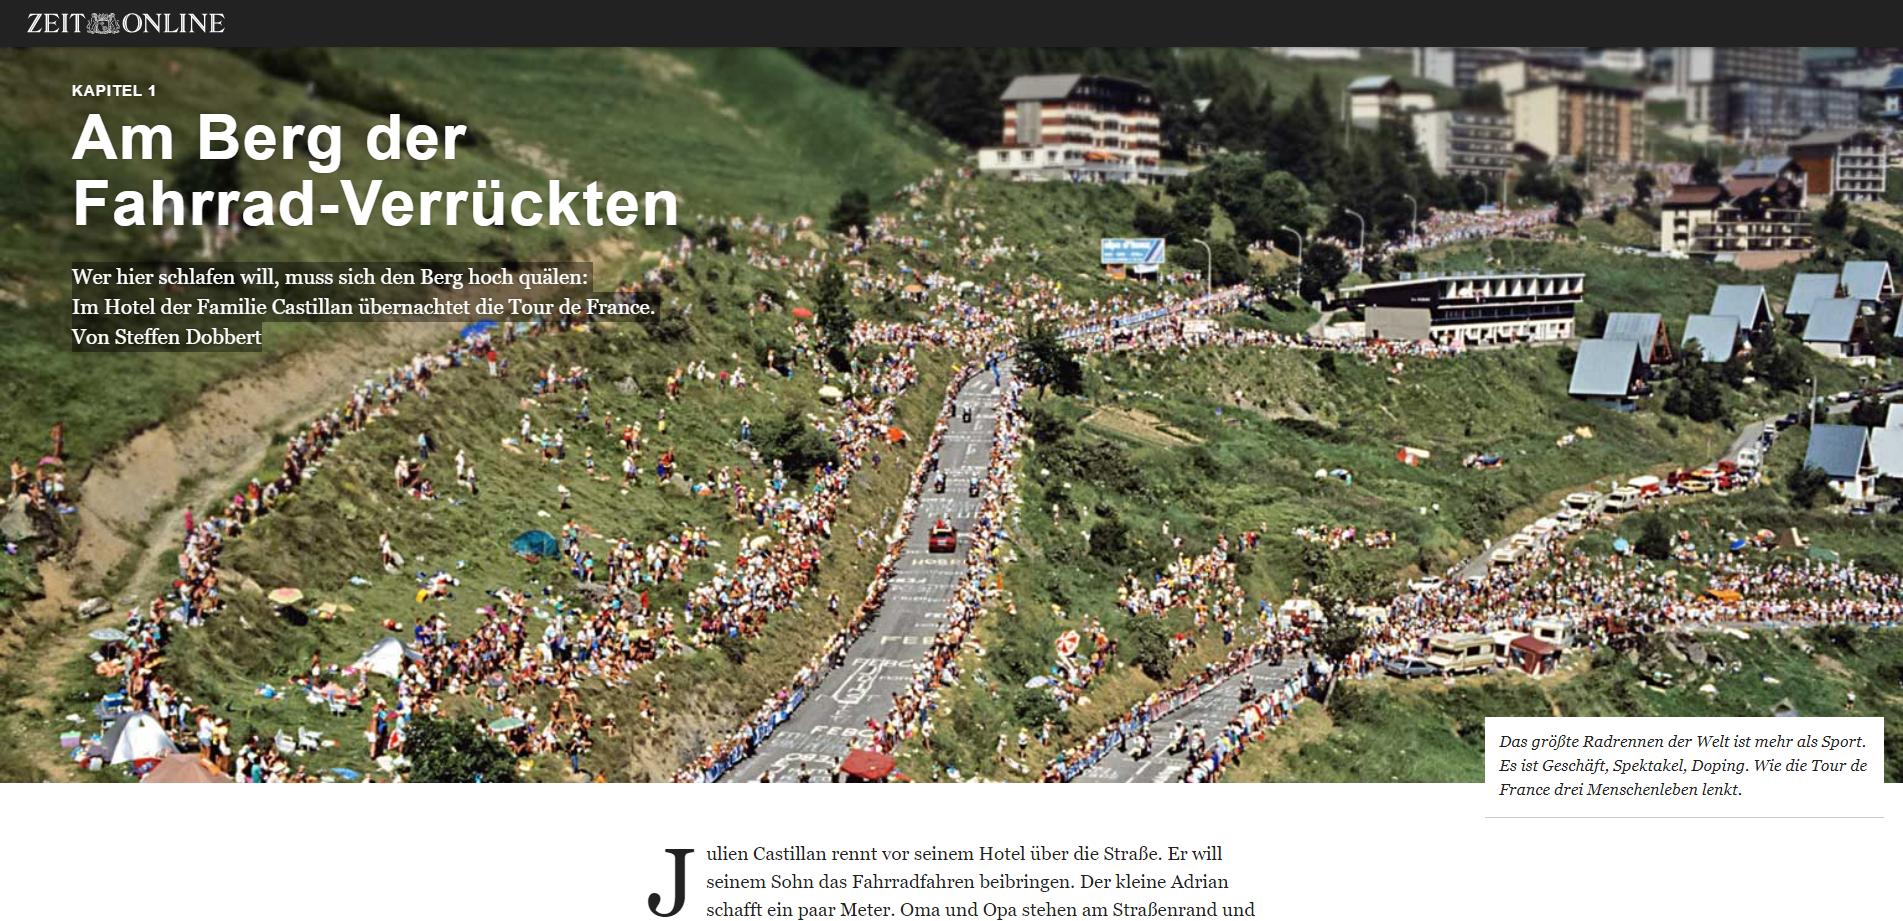 """Screenshot """"Am Berg der Fahrrad-Verrückten"""""""